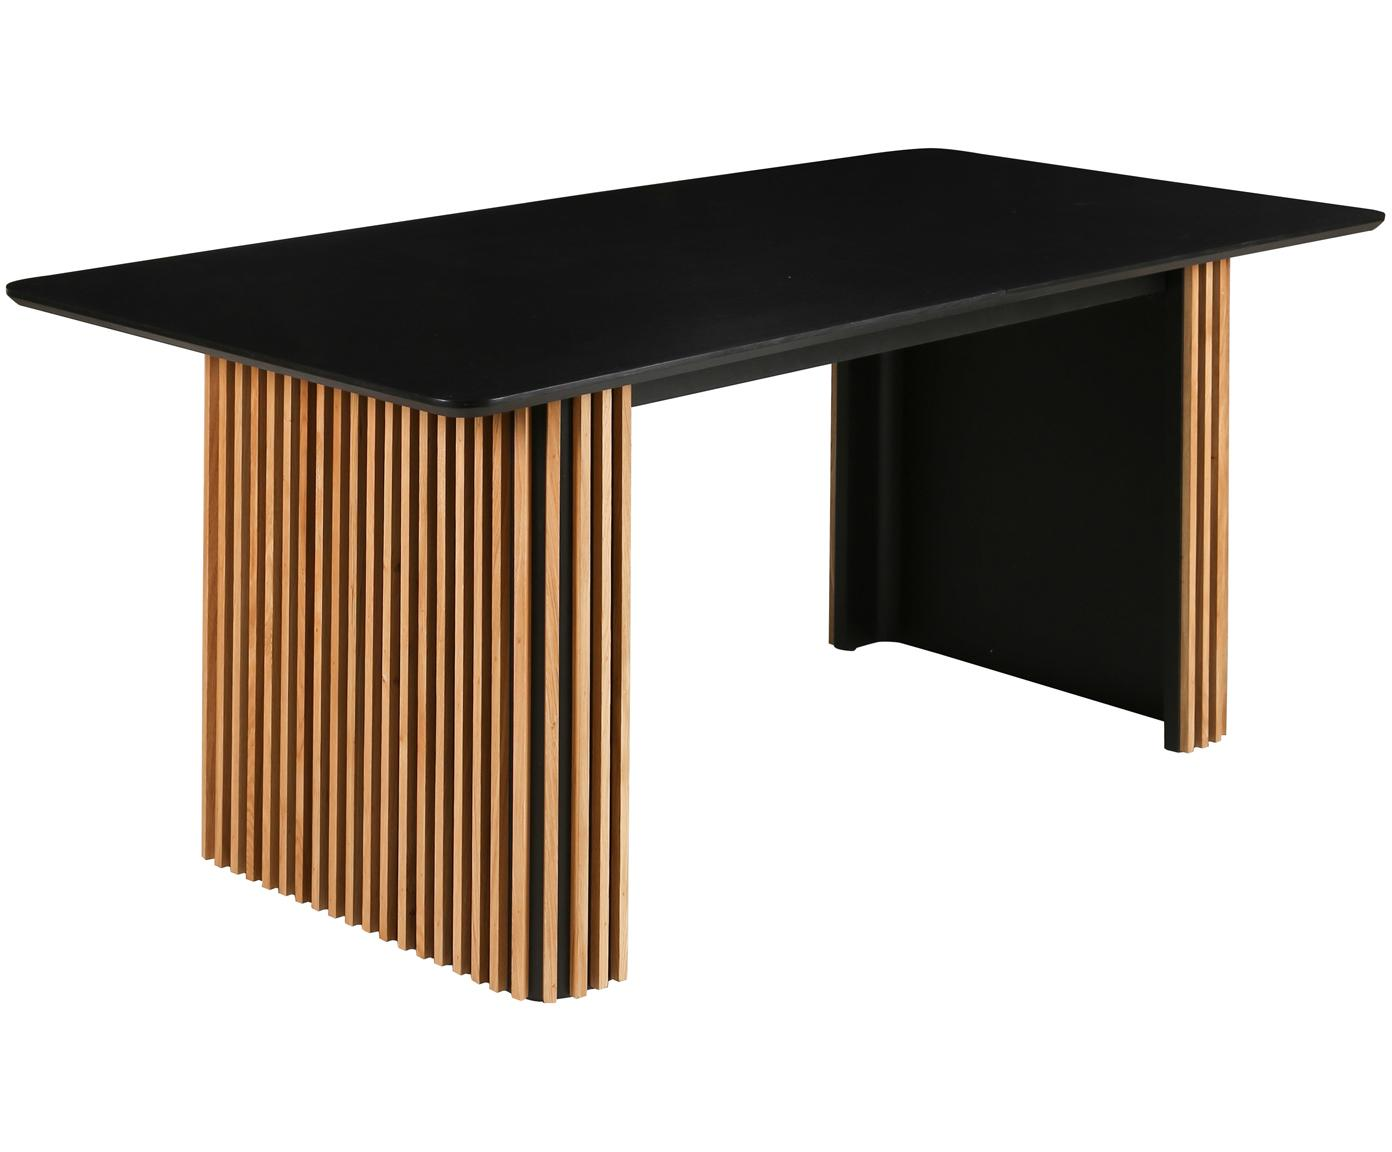 Stół rozsuwany do jadalni Linea, Czarny, drewno dębowe, S 180 - 230 x G 90 cm